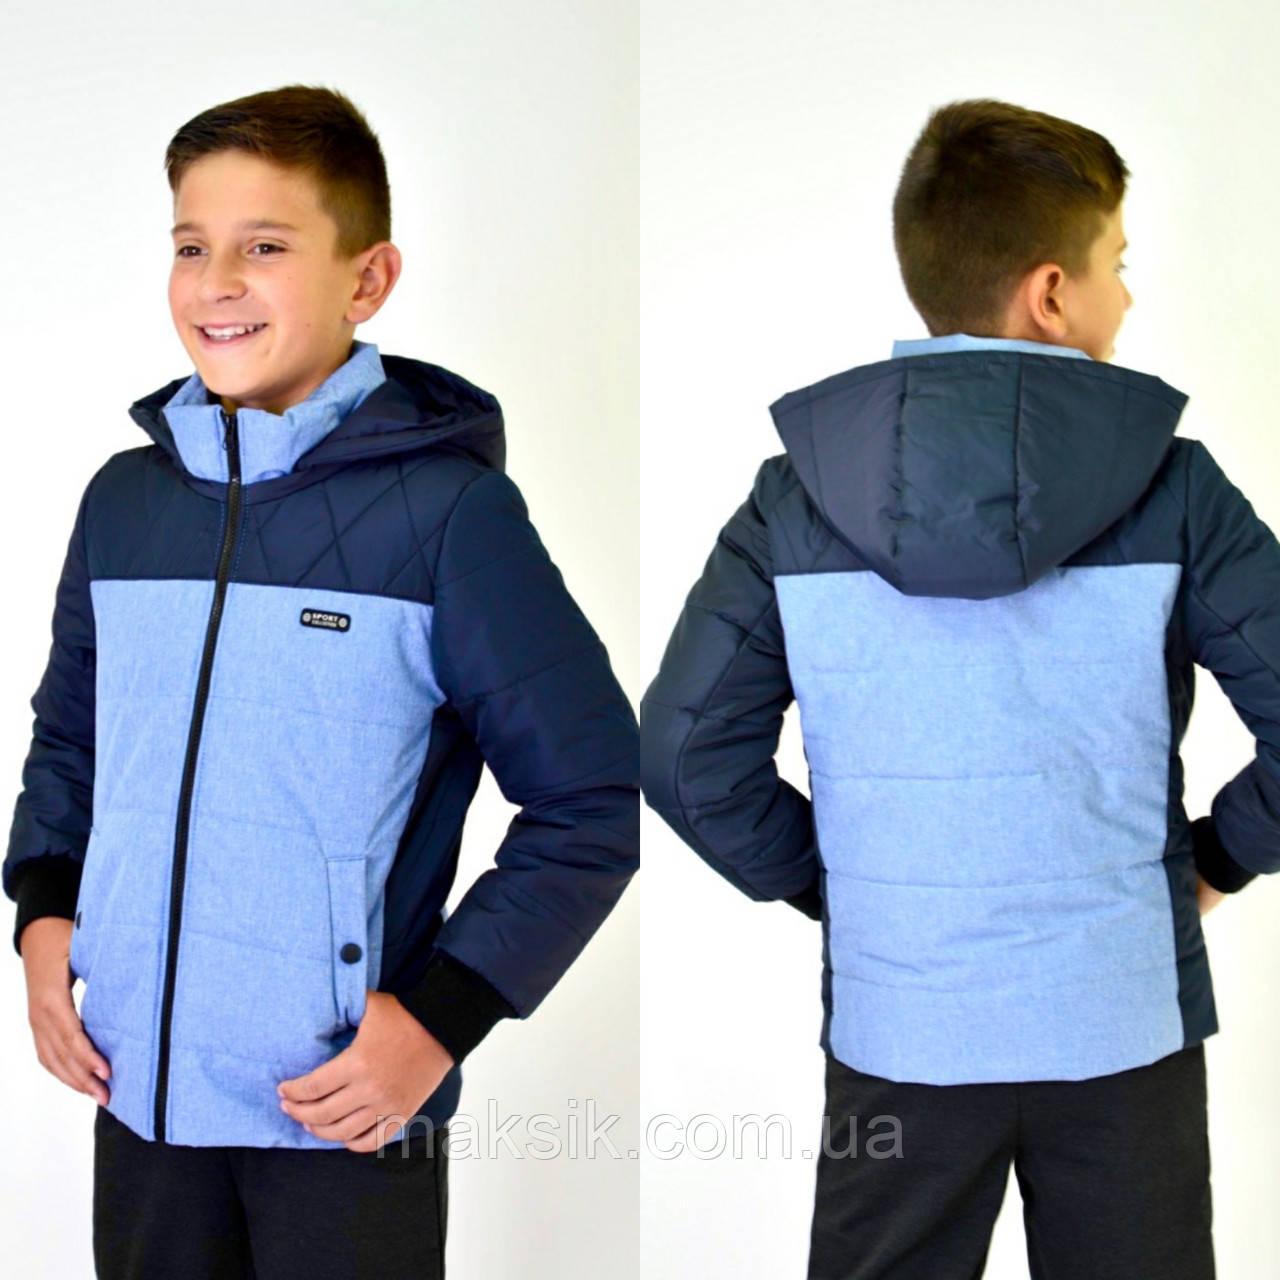 Демисезонная куртка ФИЛ р.128-152